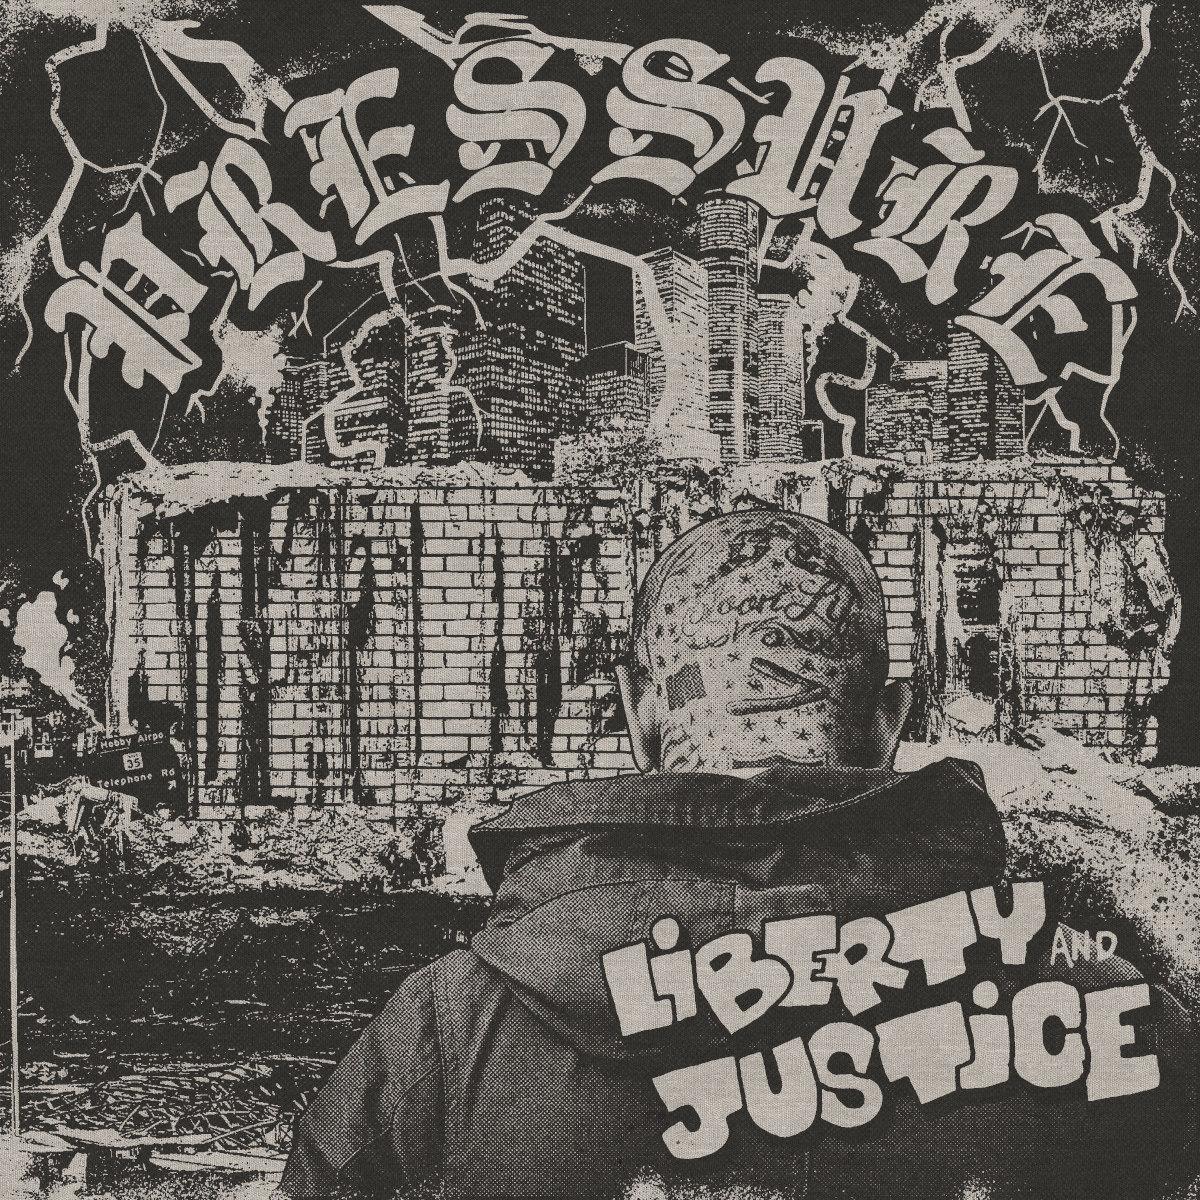 Liberty & Justice - Pressure